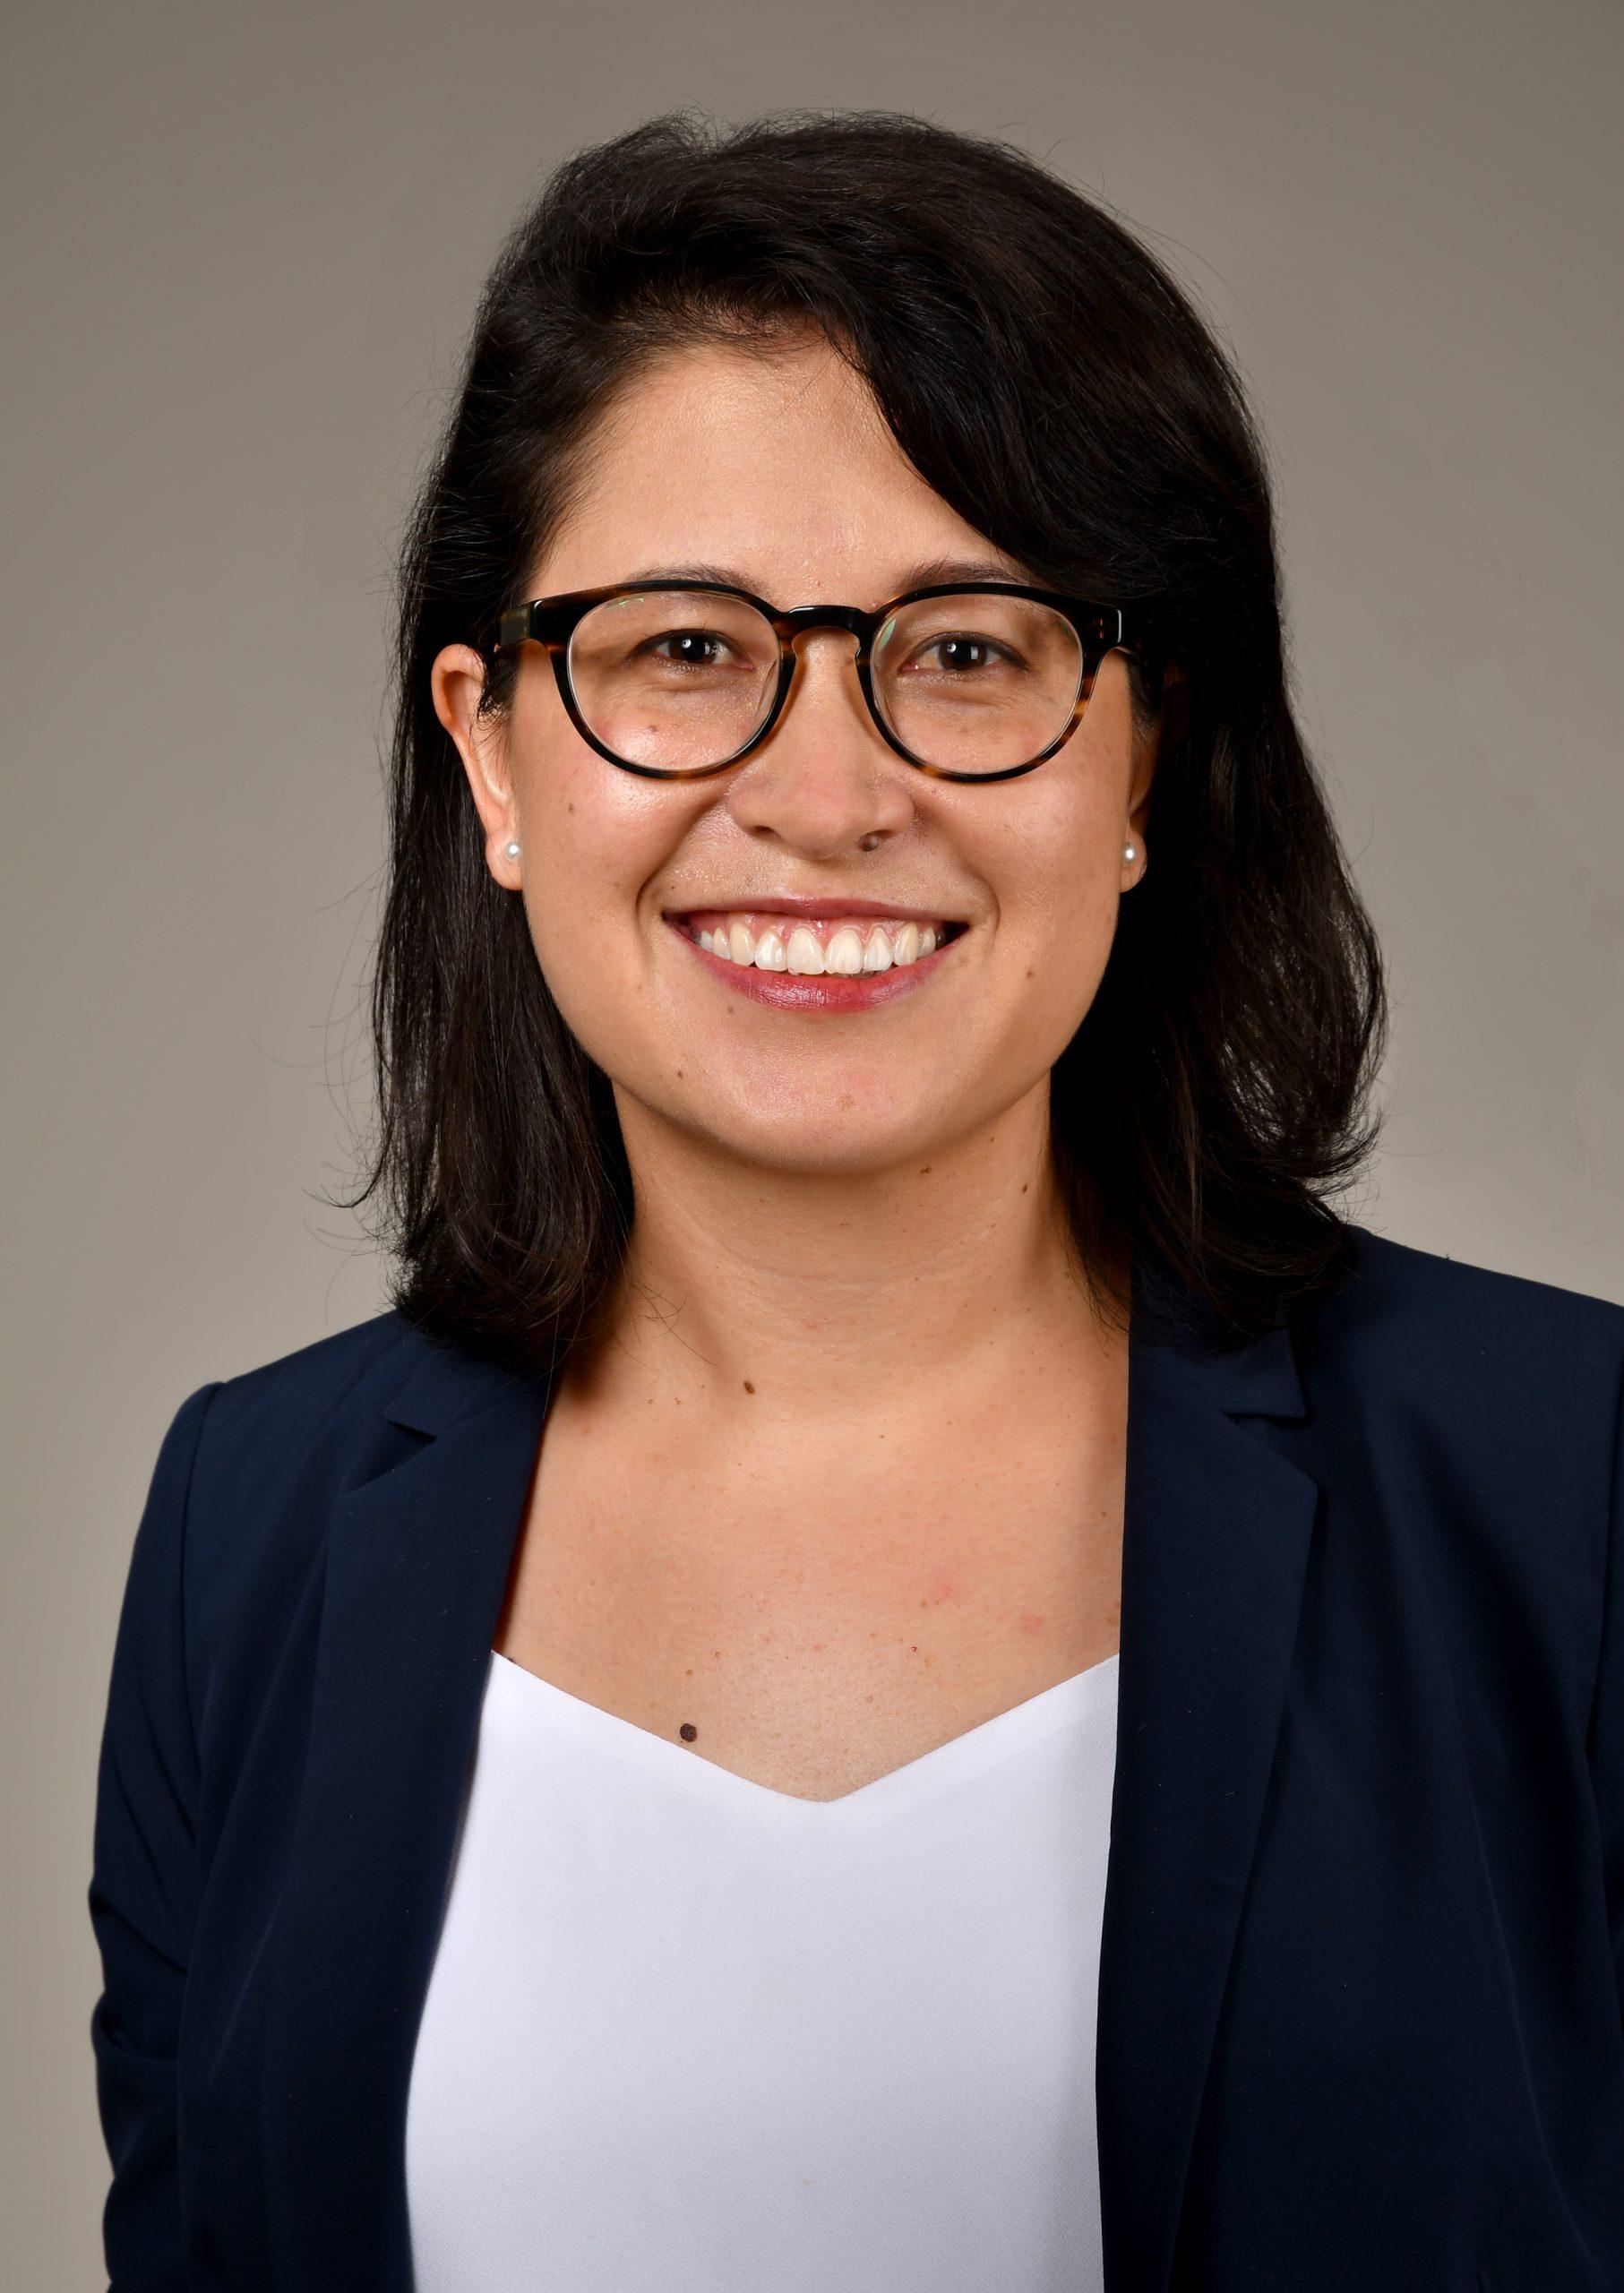 Gloria Yeomans-Maldonado, PhD